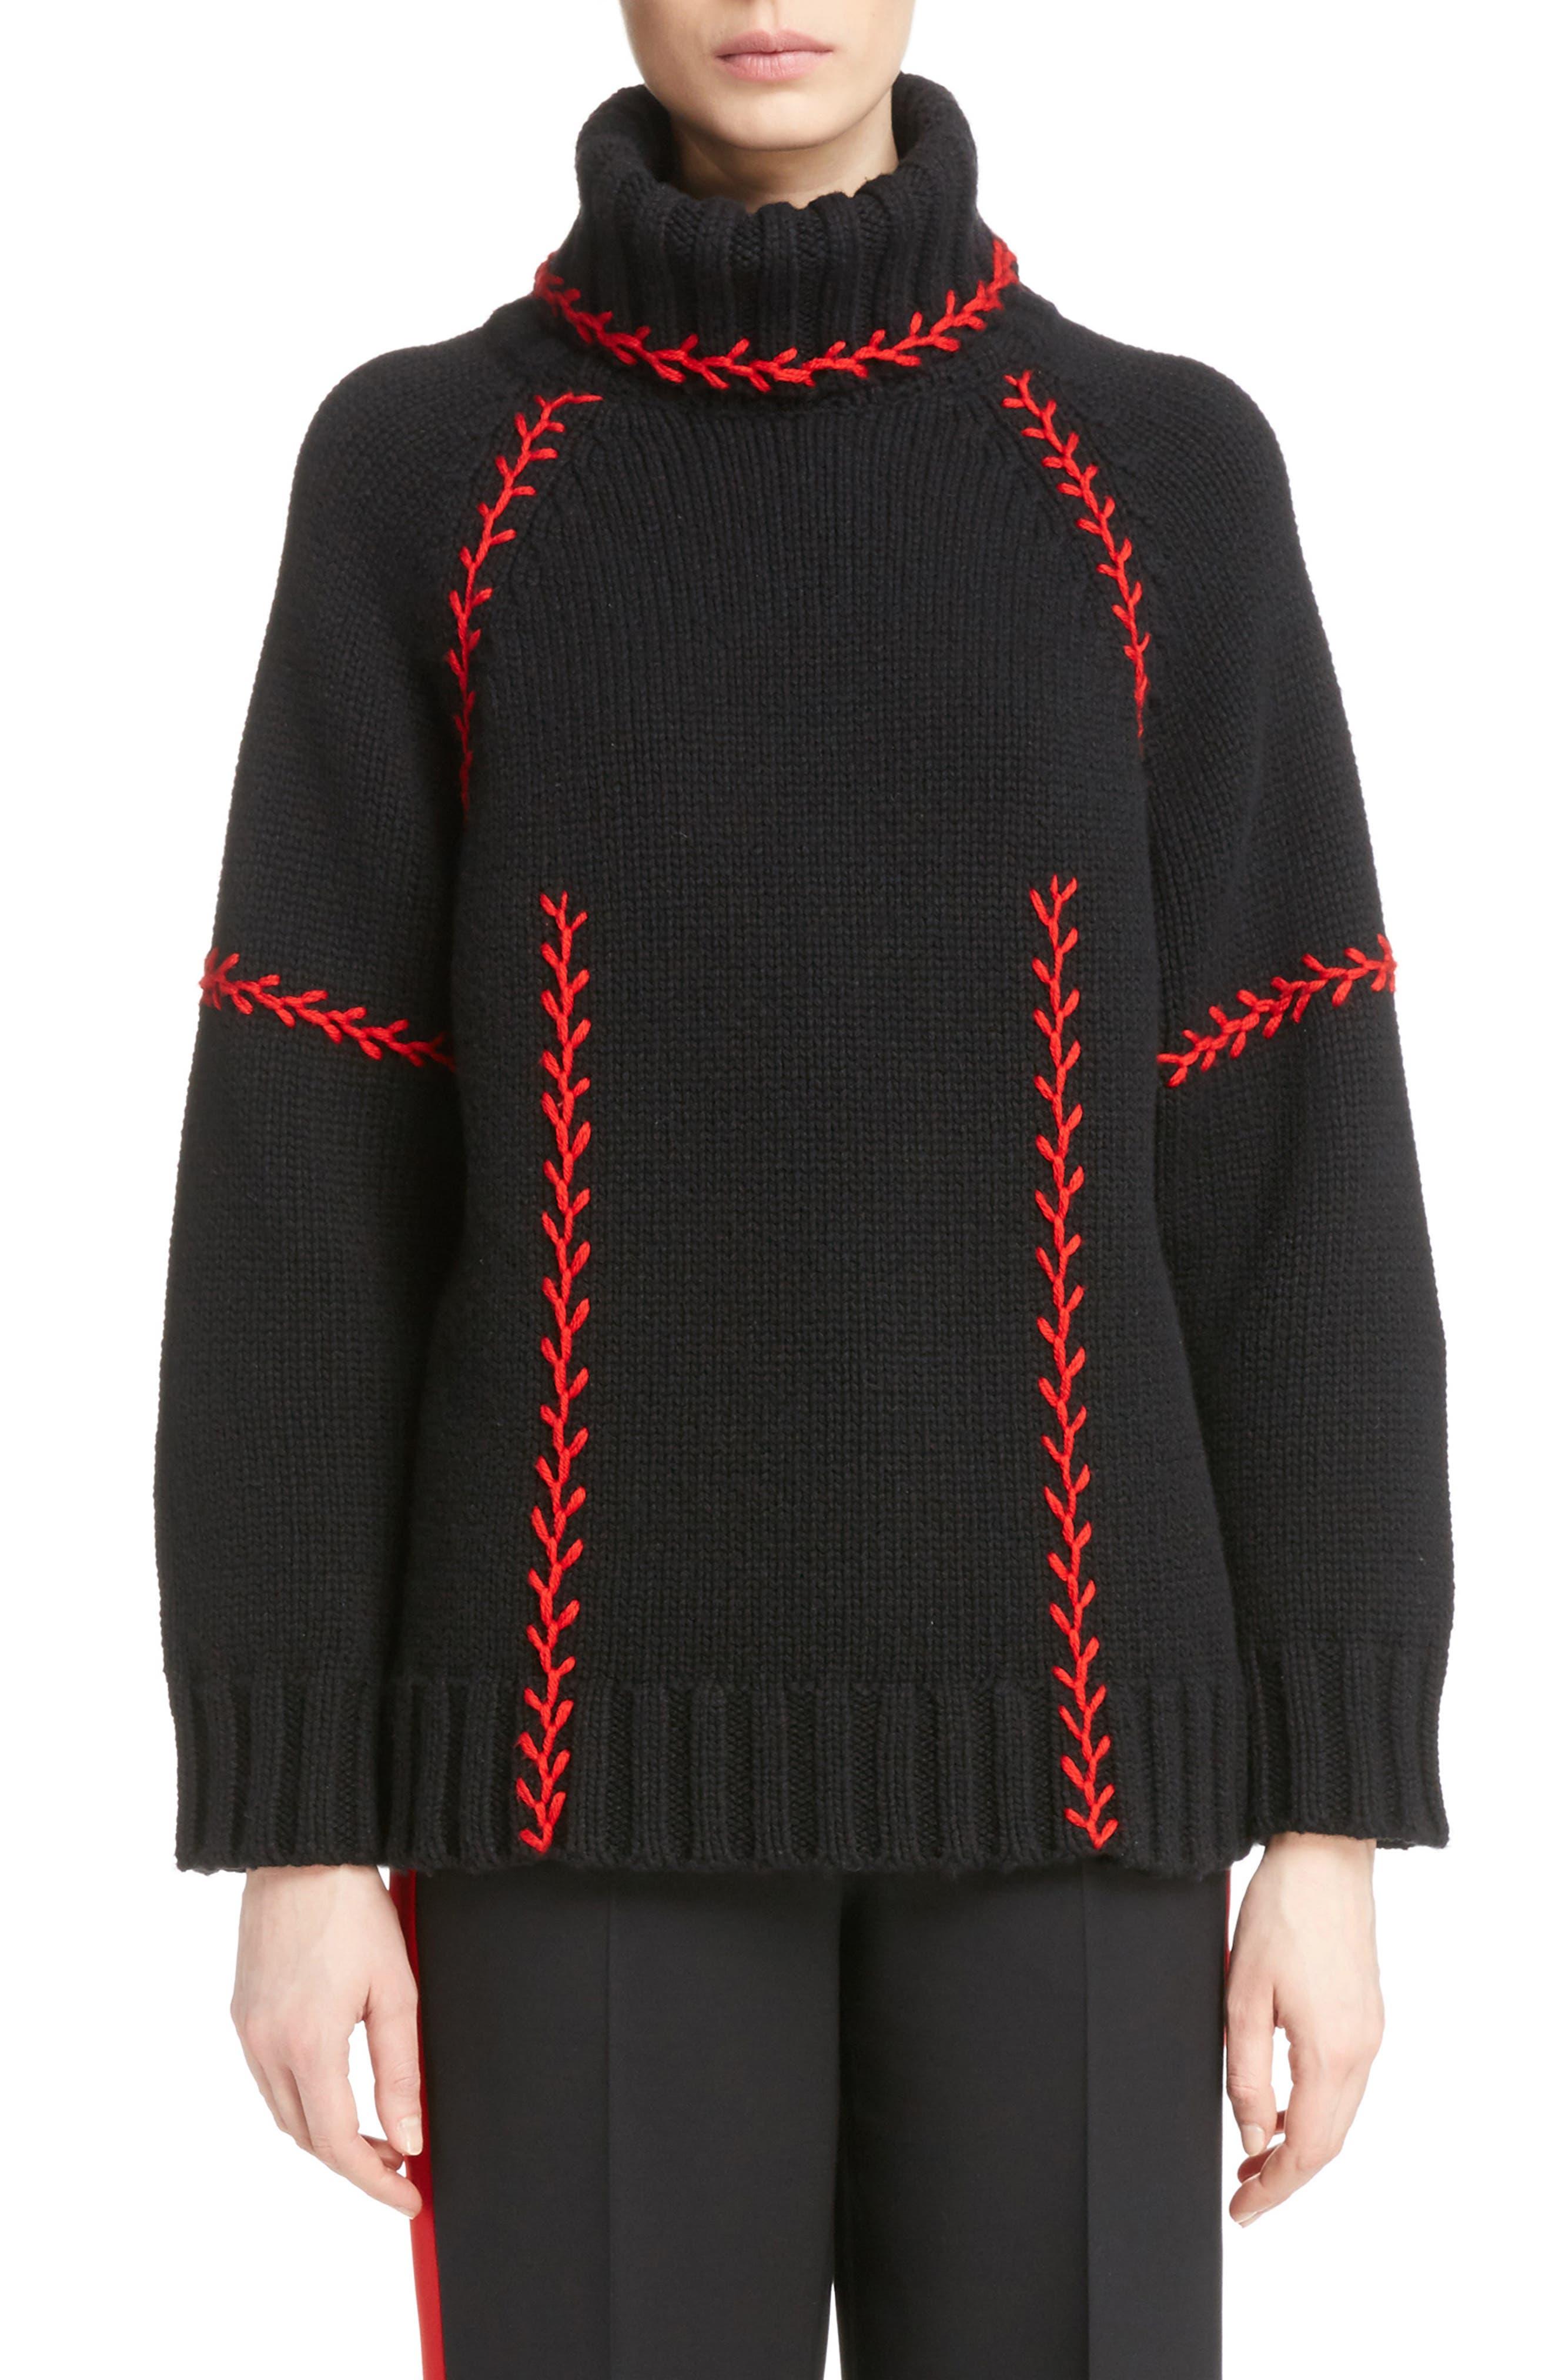 Main Image - Alexander McQueen Stitch Detail Cashmere Turtleneck Sweater